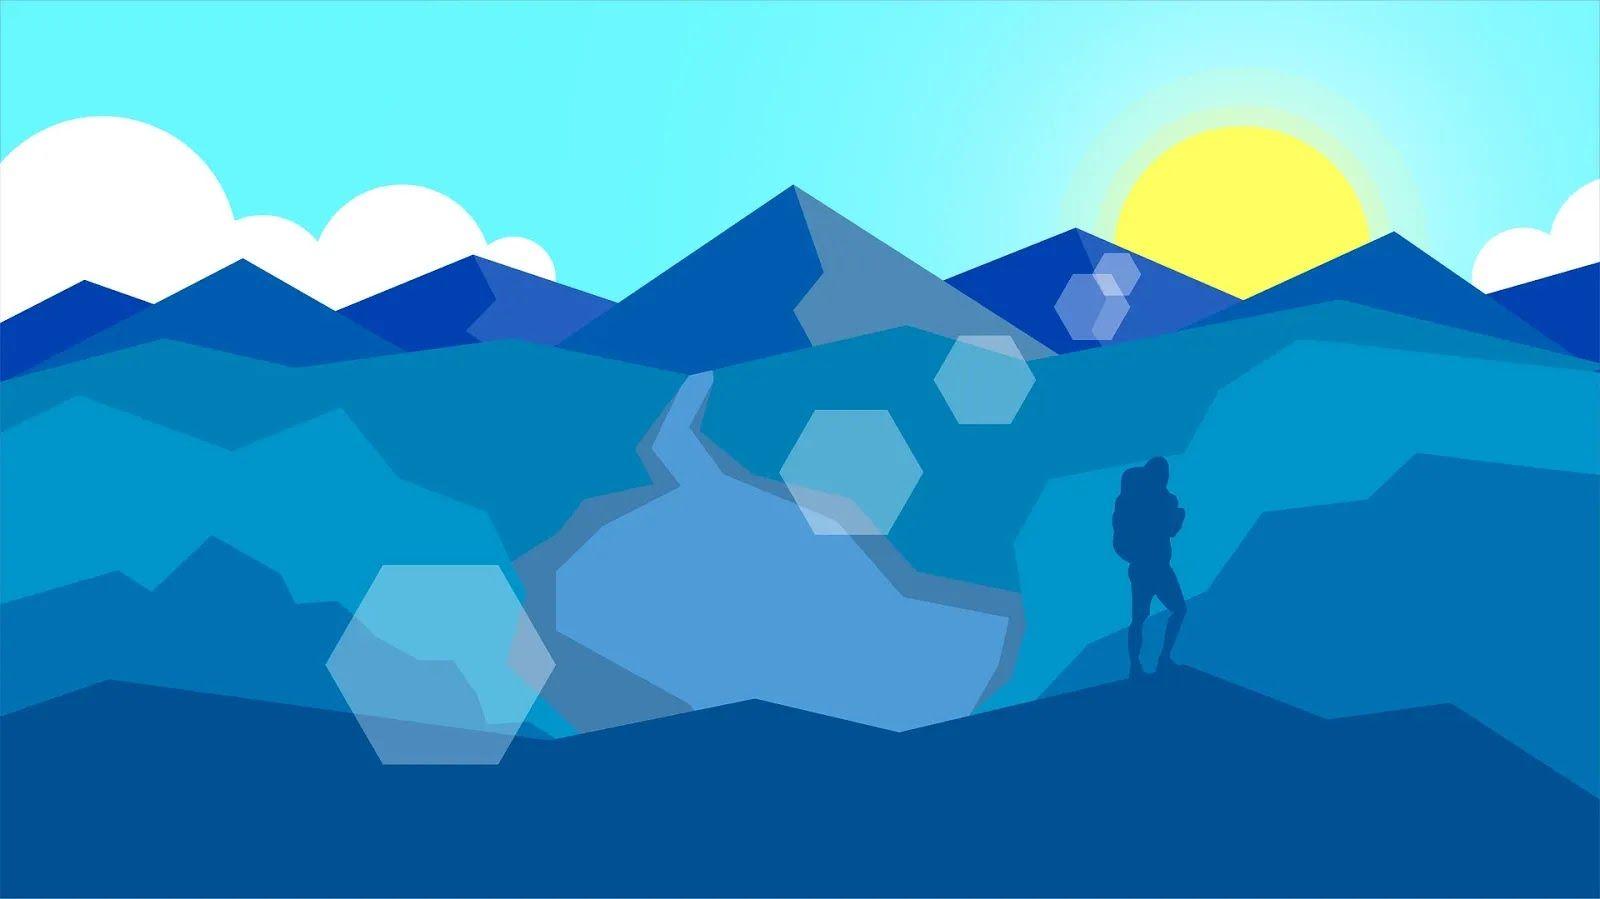 أحدث خلفيات بجودة عالية الدقة جودة 4k خلفيات كمبيوتر Artist Landscape Art Art